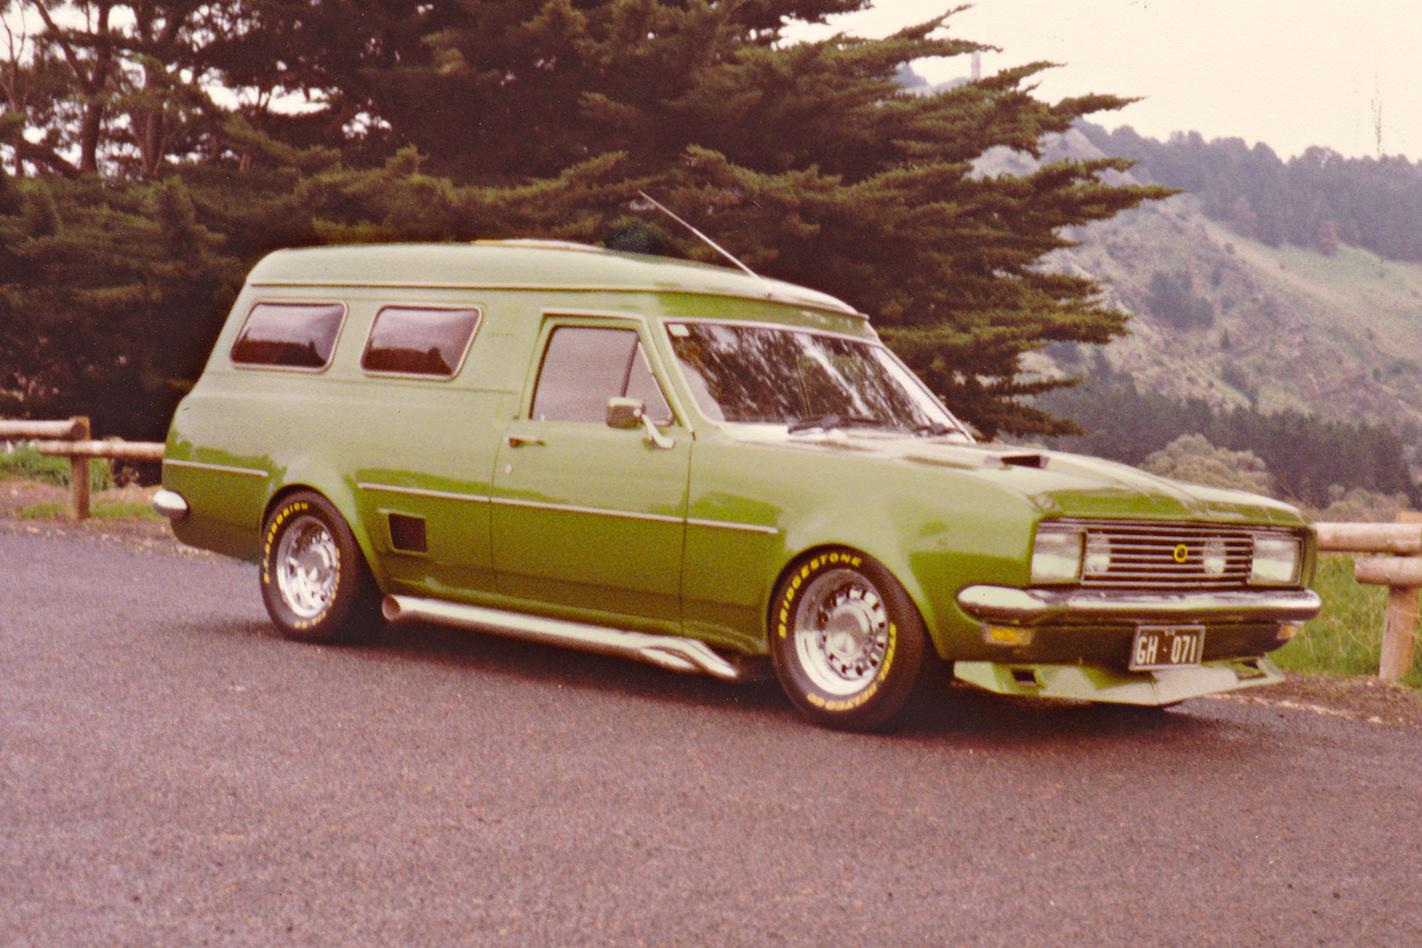 Green -Knight -HG-Panelvan -4